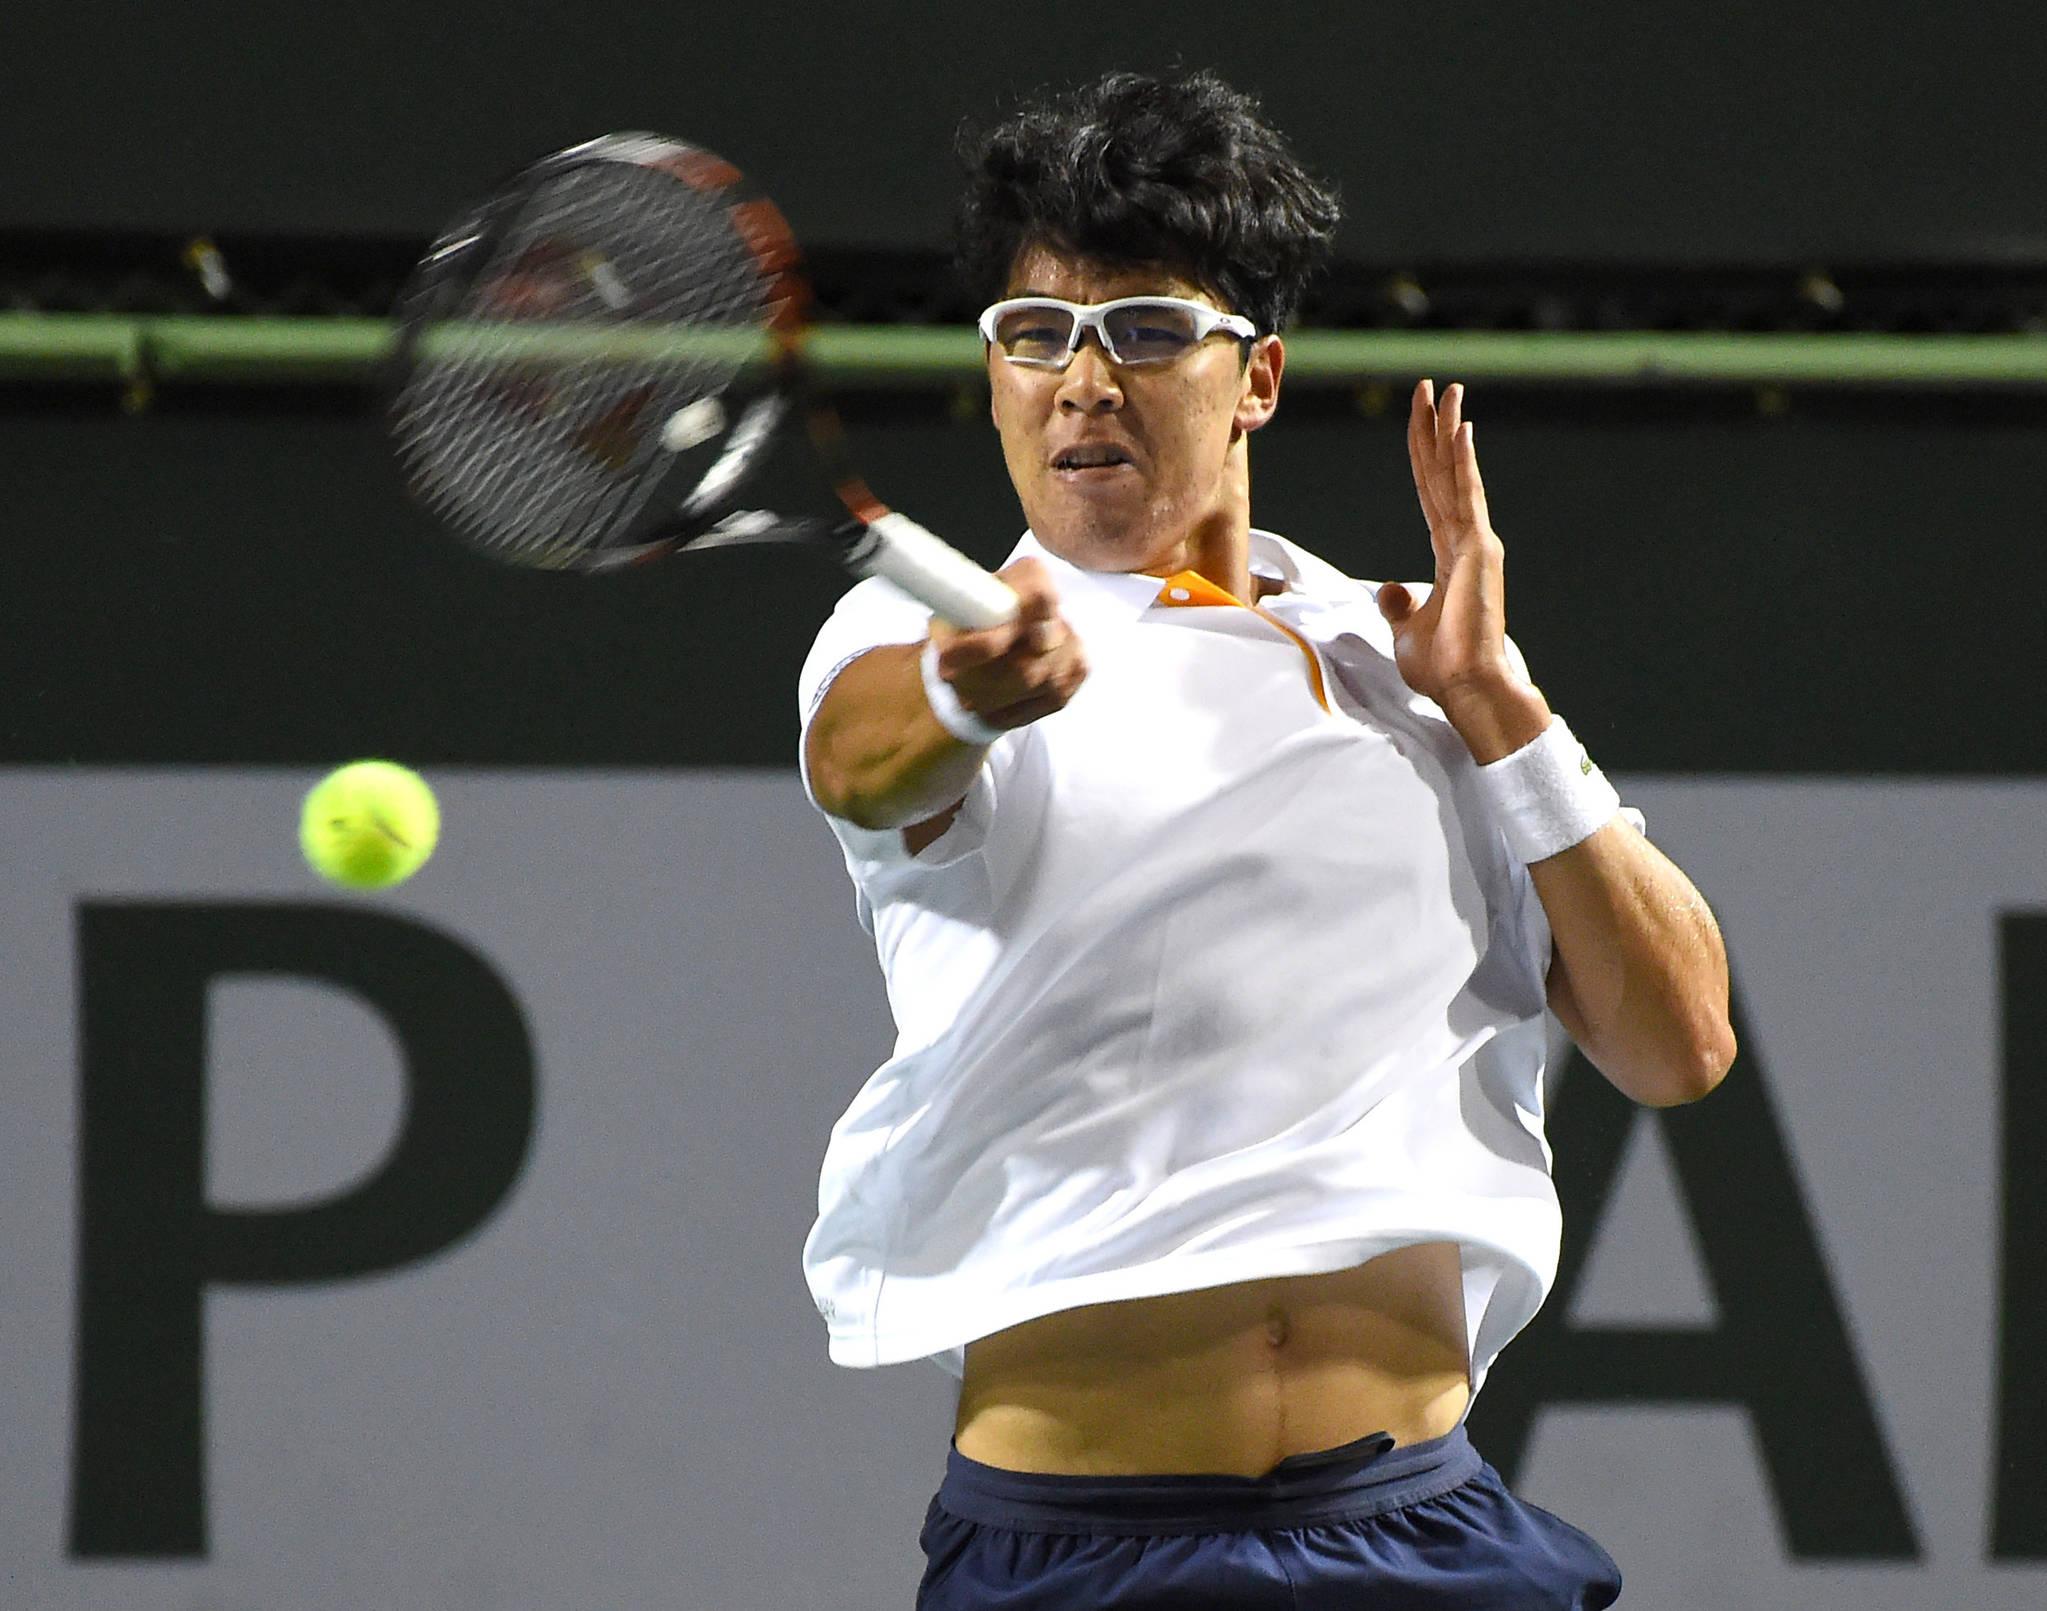 정현이 남자프로테니스(ATP) 투어 BNP 파리바오픈 8강에 올랐다. [AP=연합뉴스]